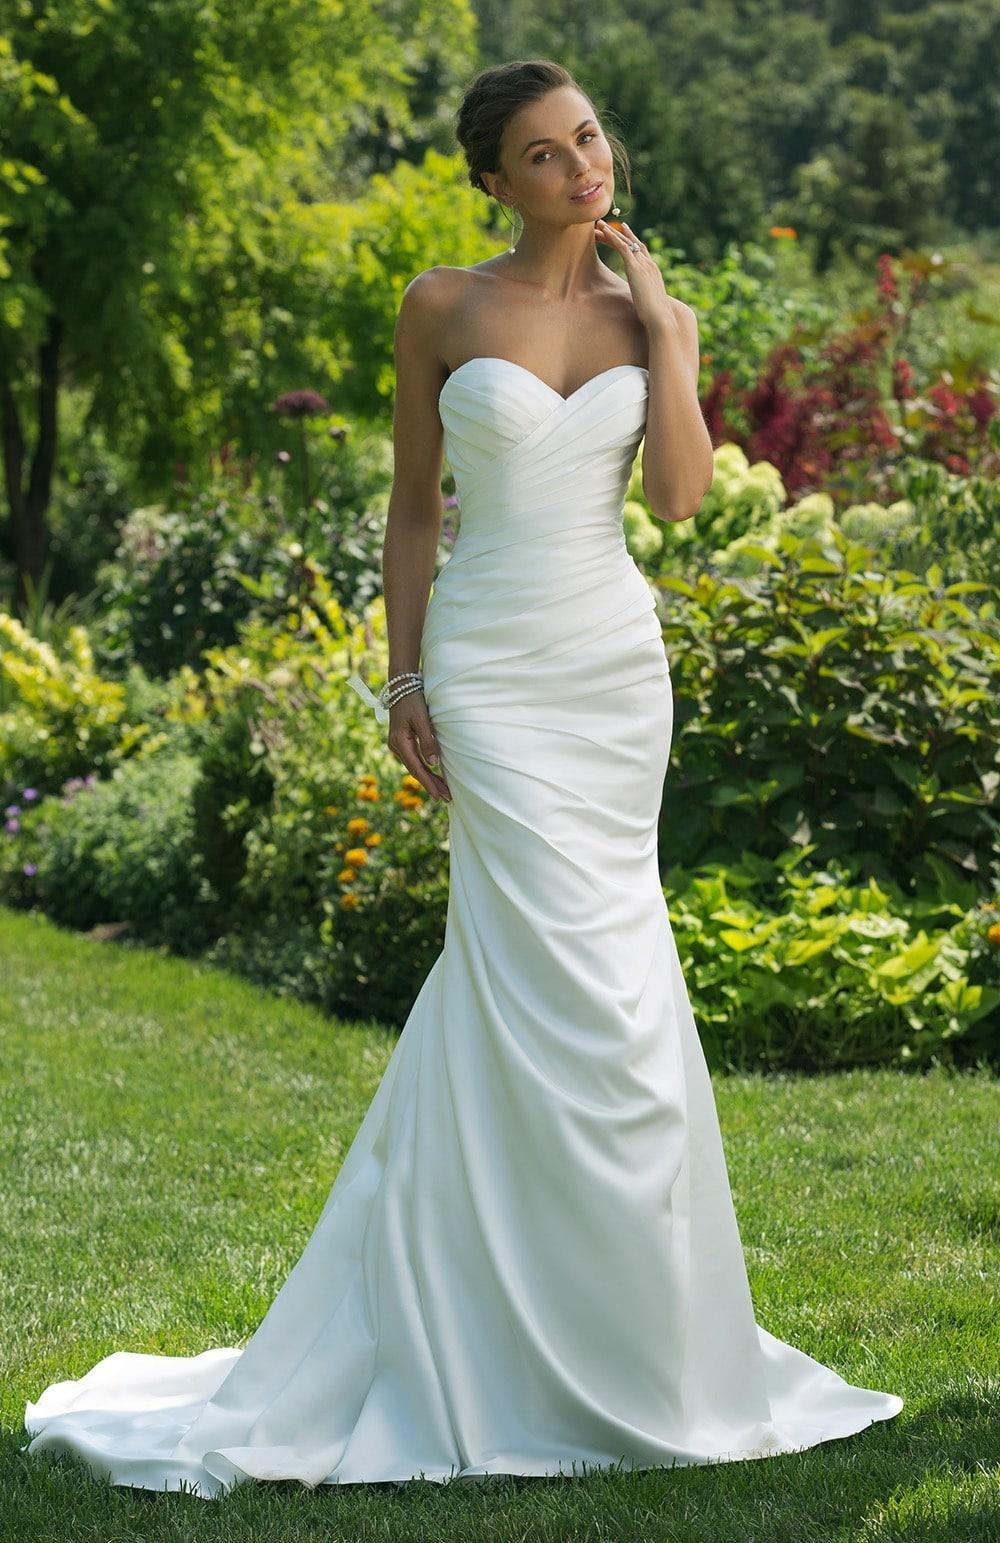 Robe de mariée Modèle 11016 – Terry